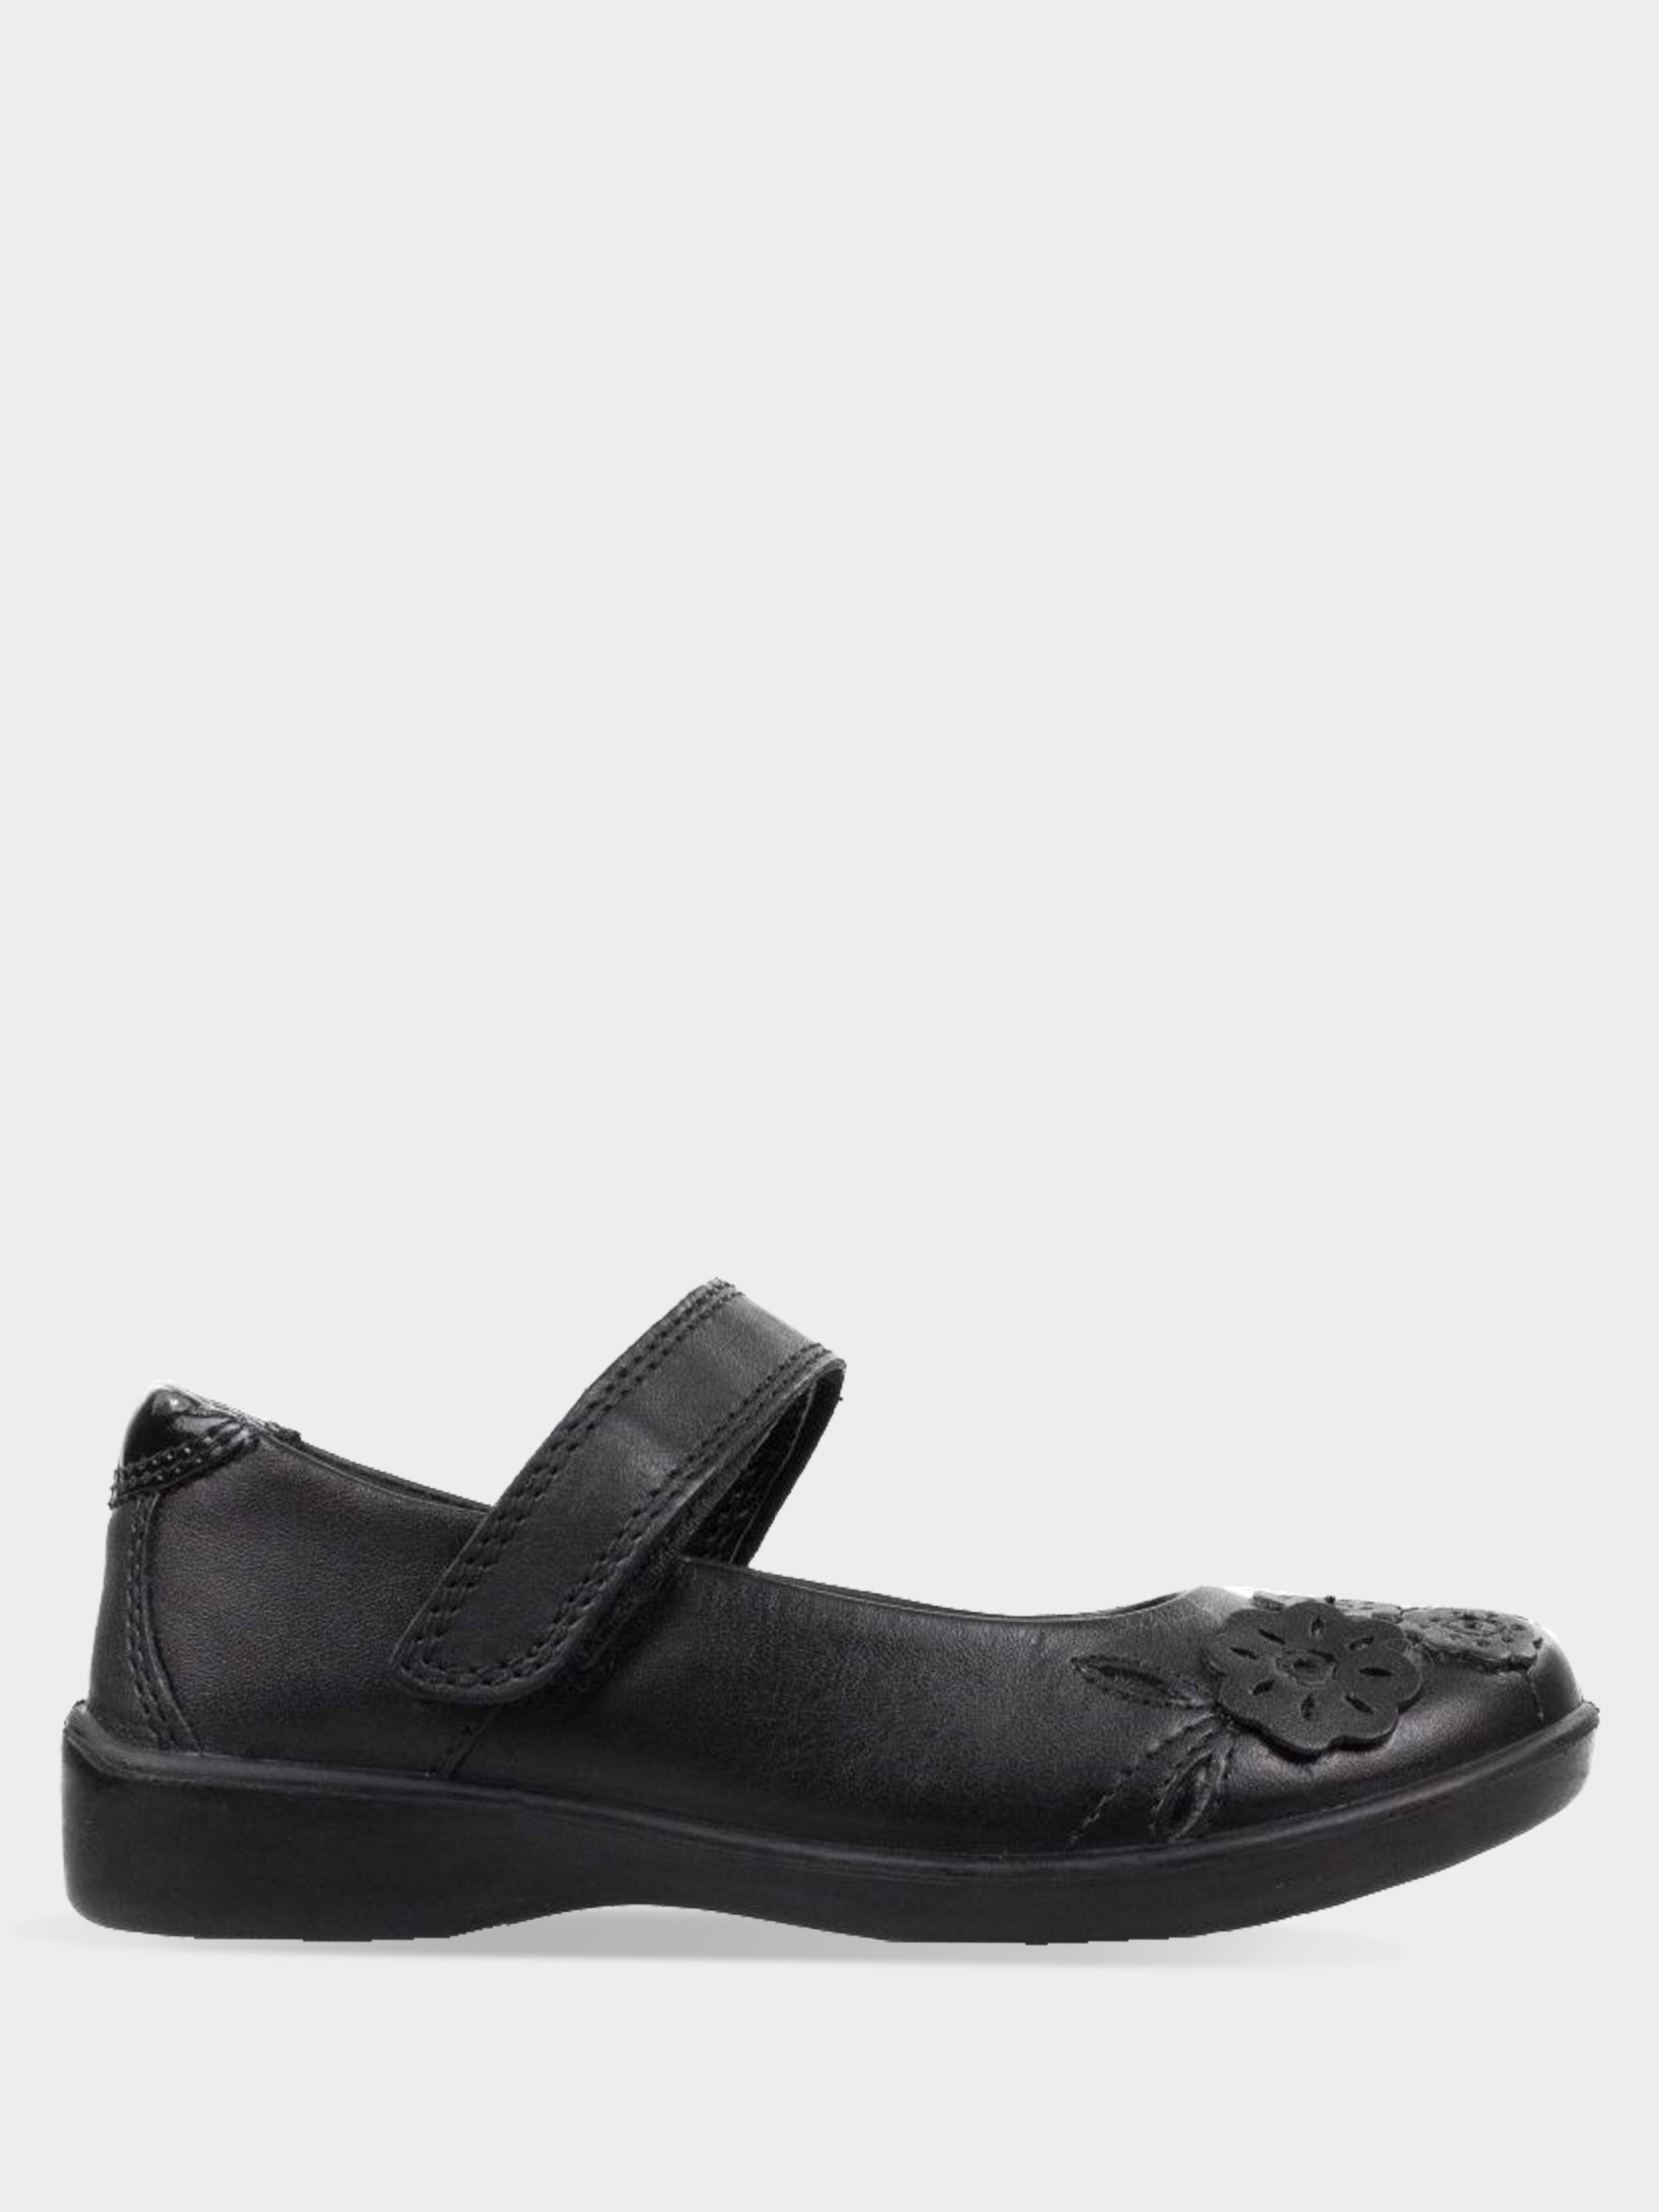 Туфли для детей Braska YZ62 цена обуви, 2017